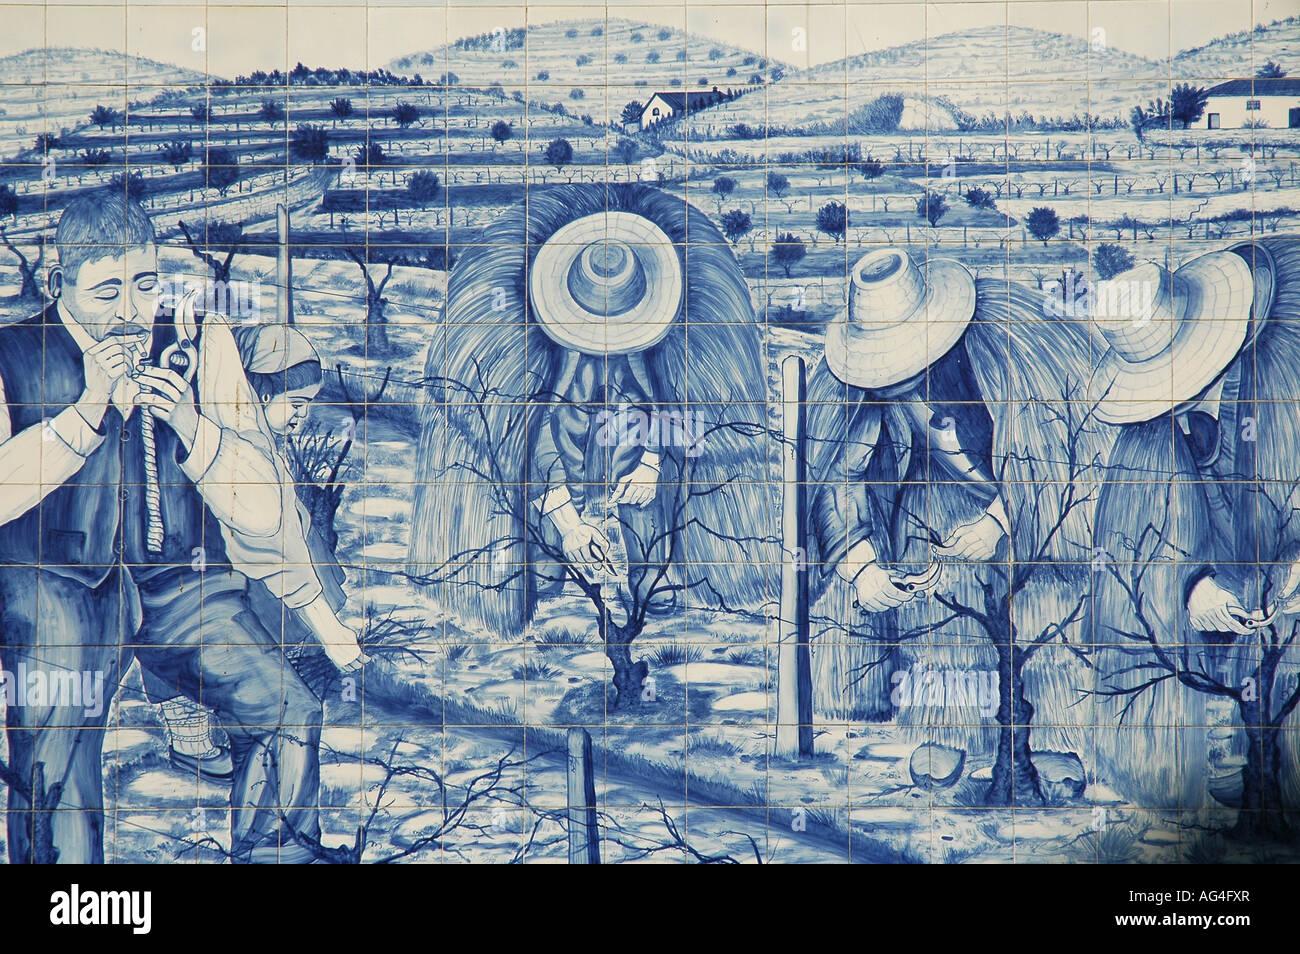 Dipinto di stagno ceramica invetriata piastrelle azulejos